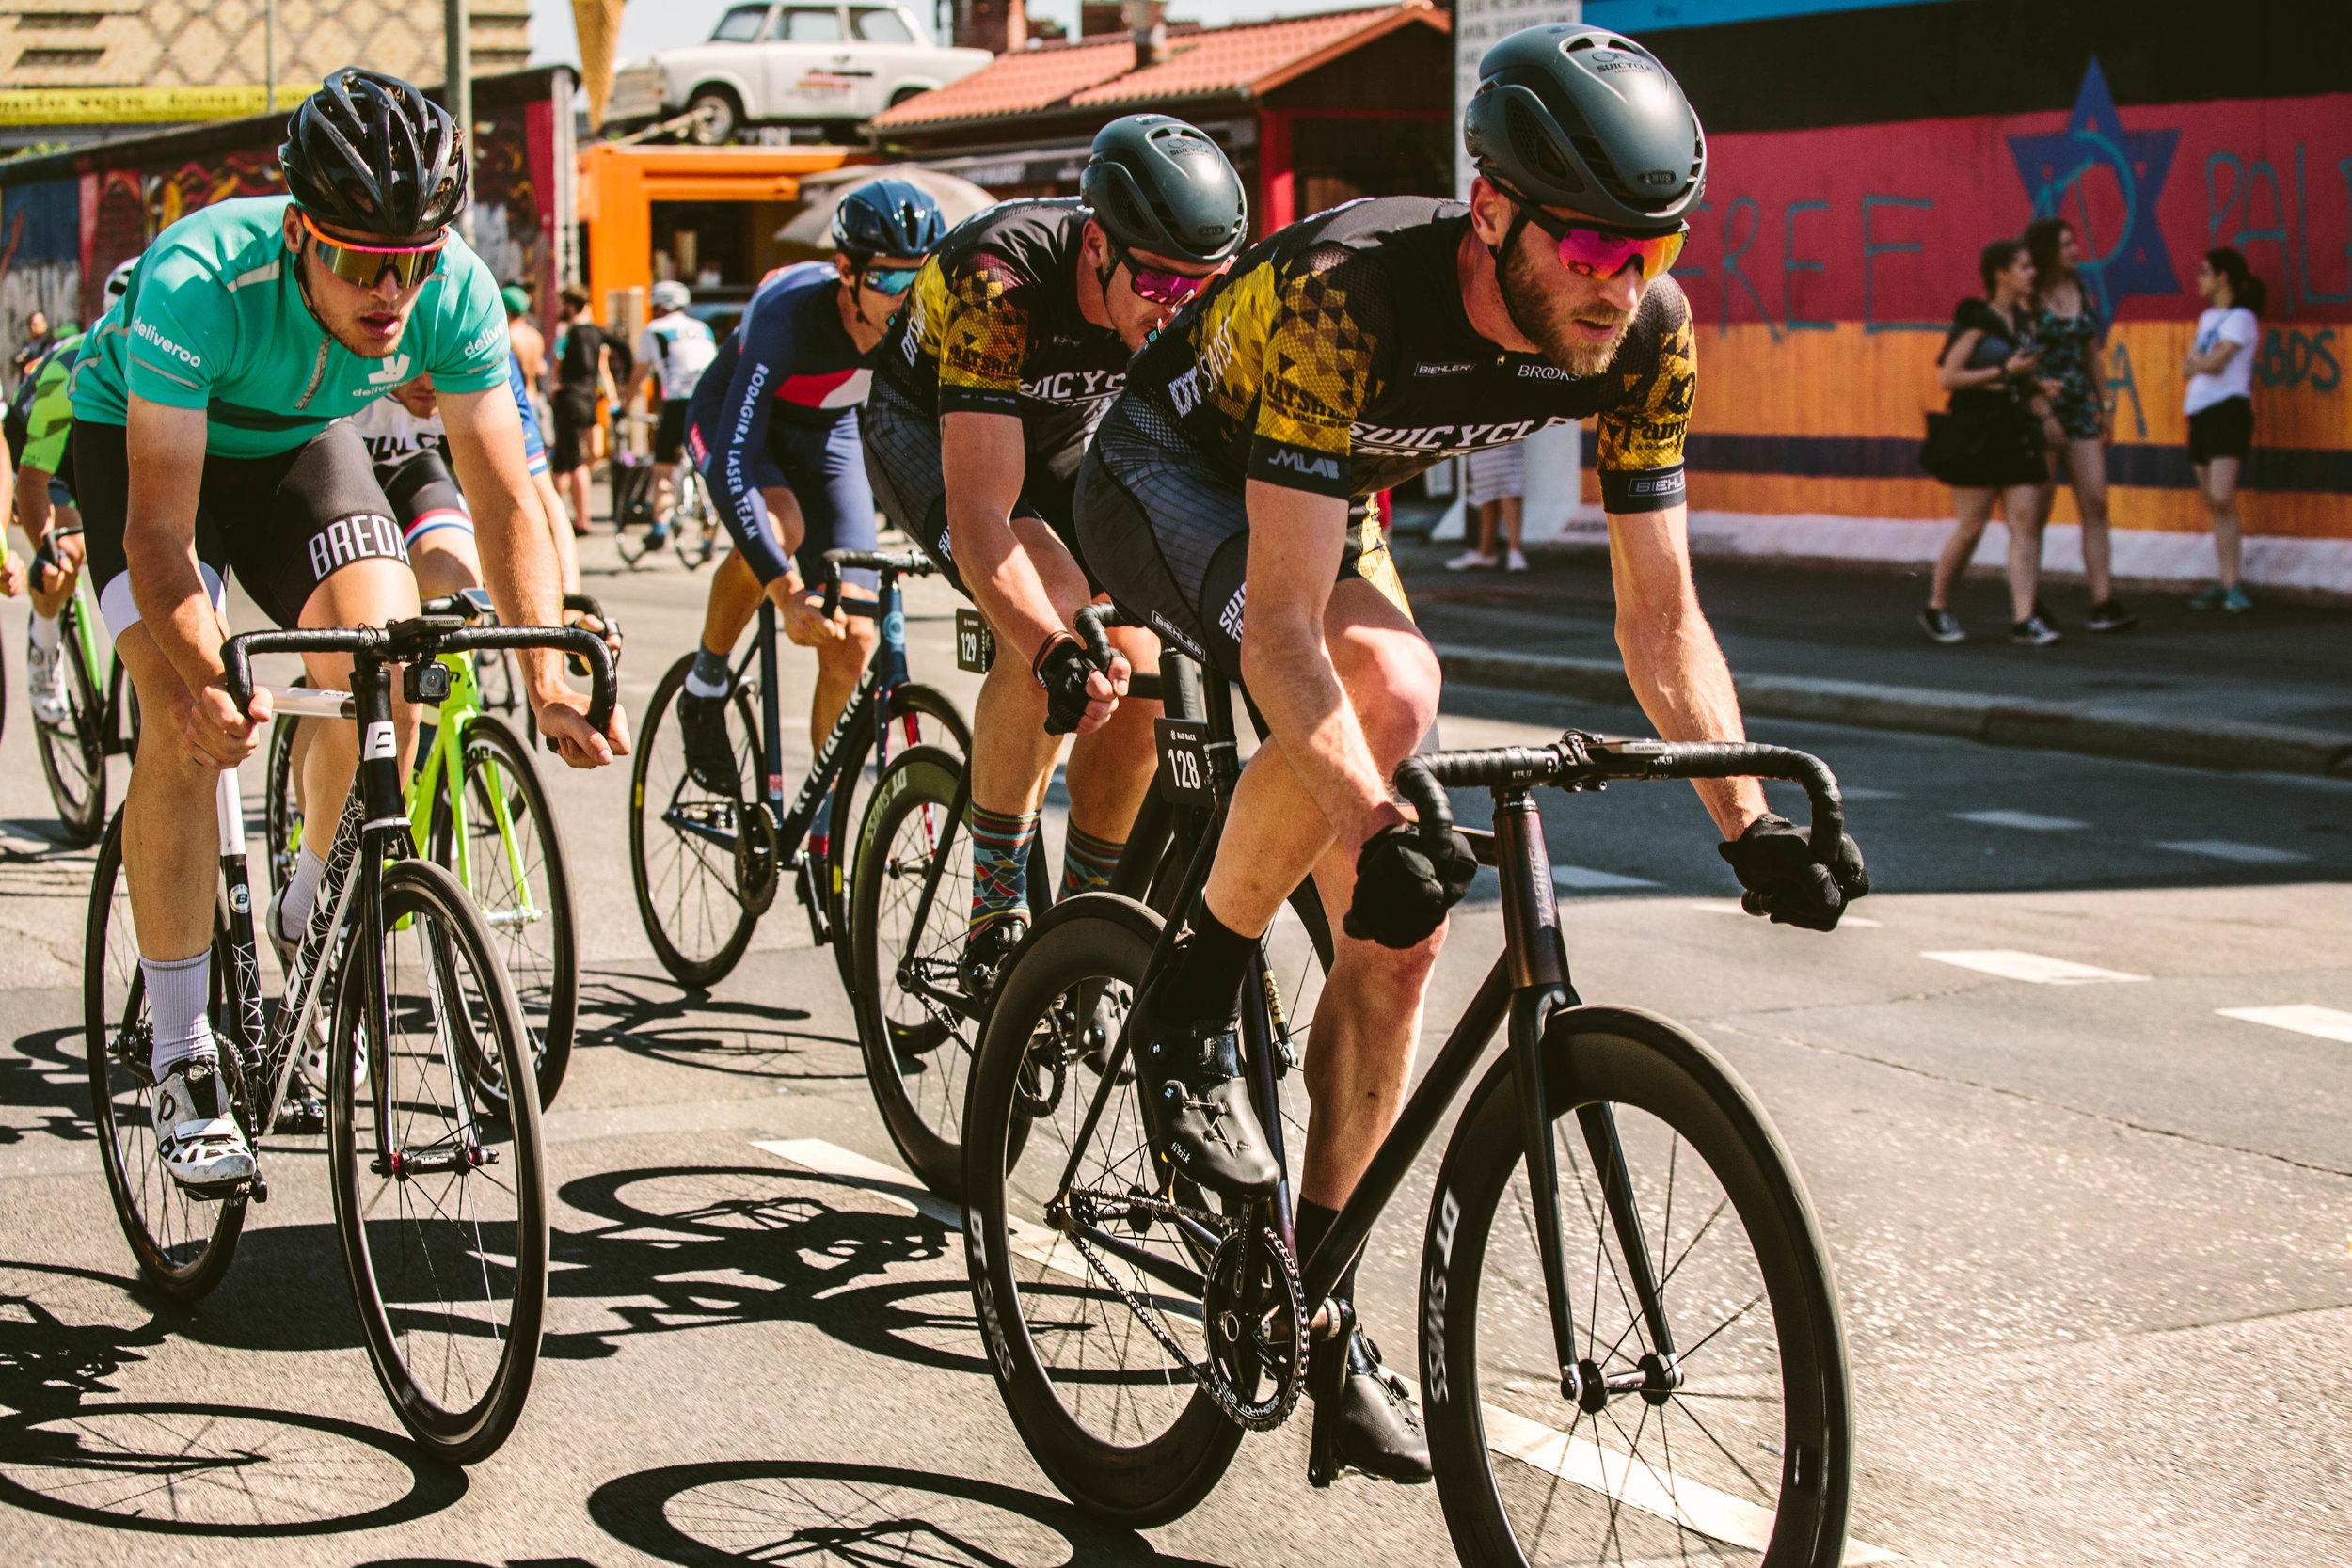 RadRace_Fixed42_Raceday_BengtStiller-1339.jpg